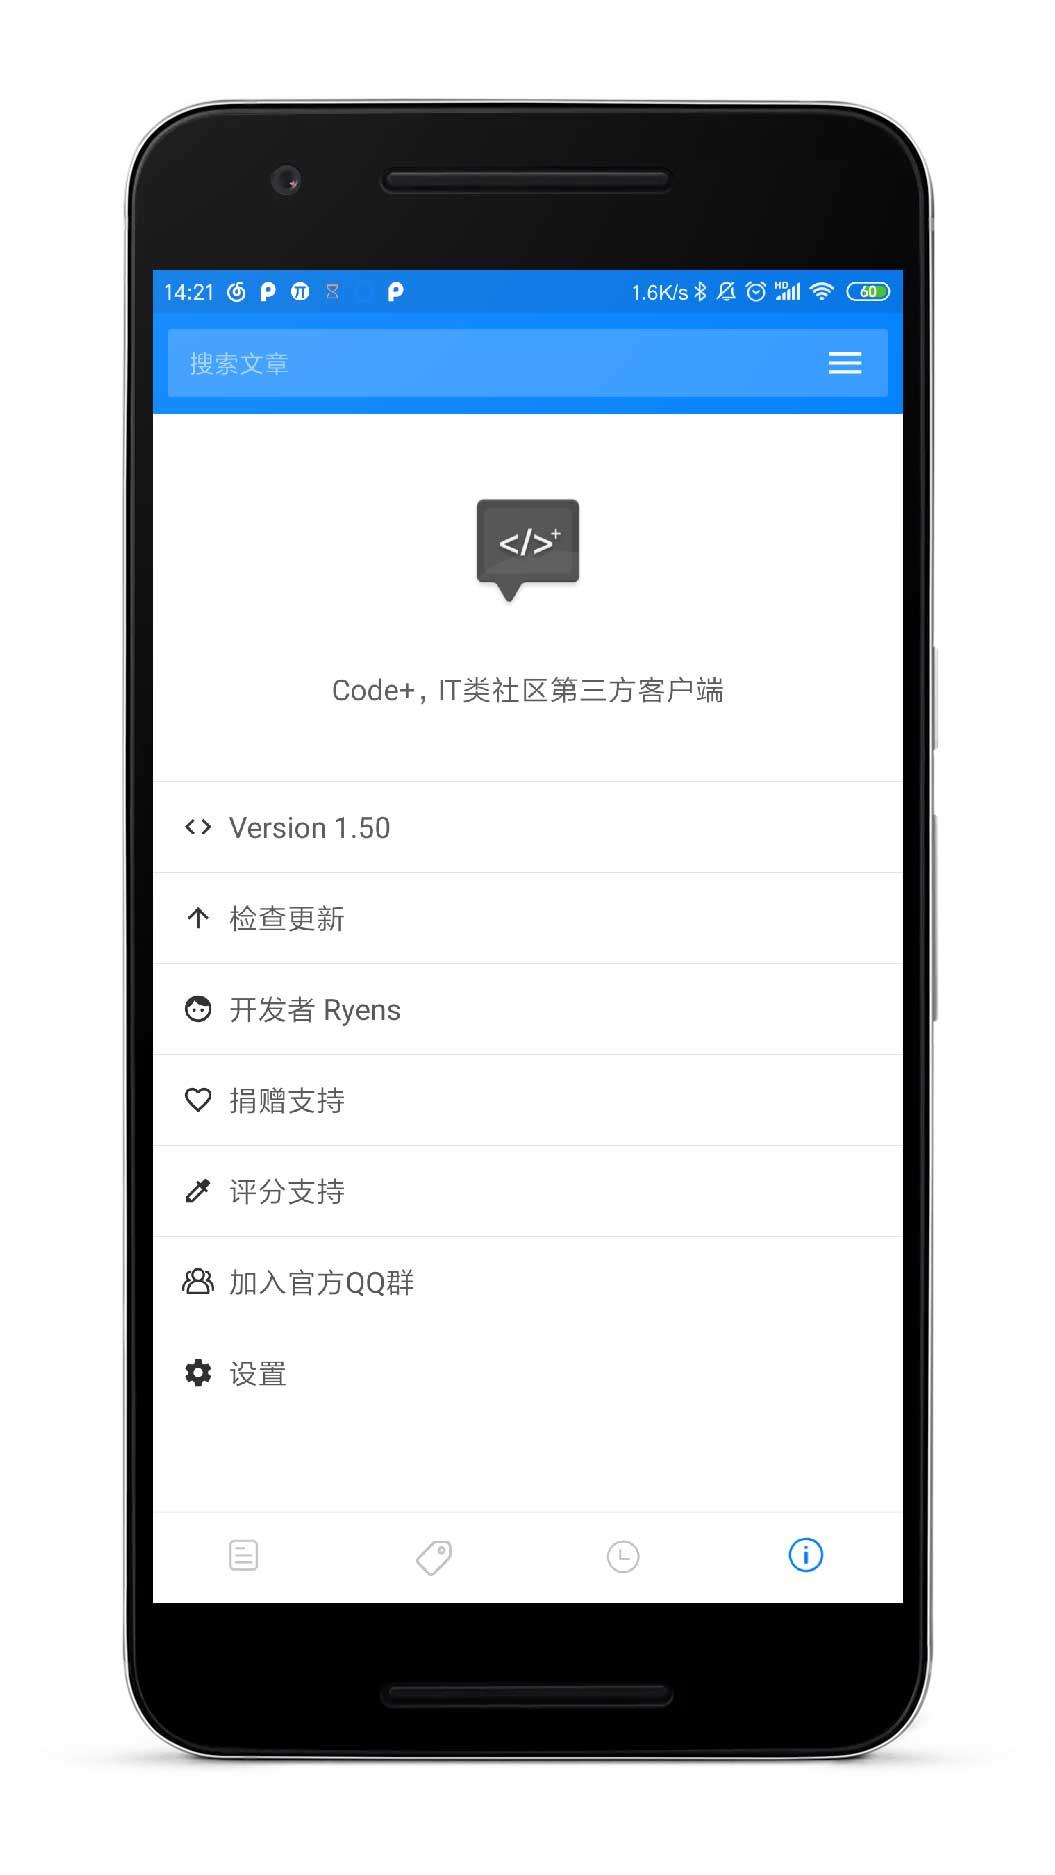 【资源分享】code+(it类社区第三方客户端)-爱小助